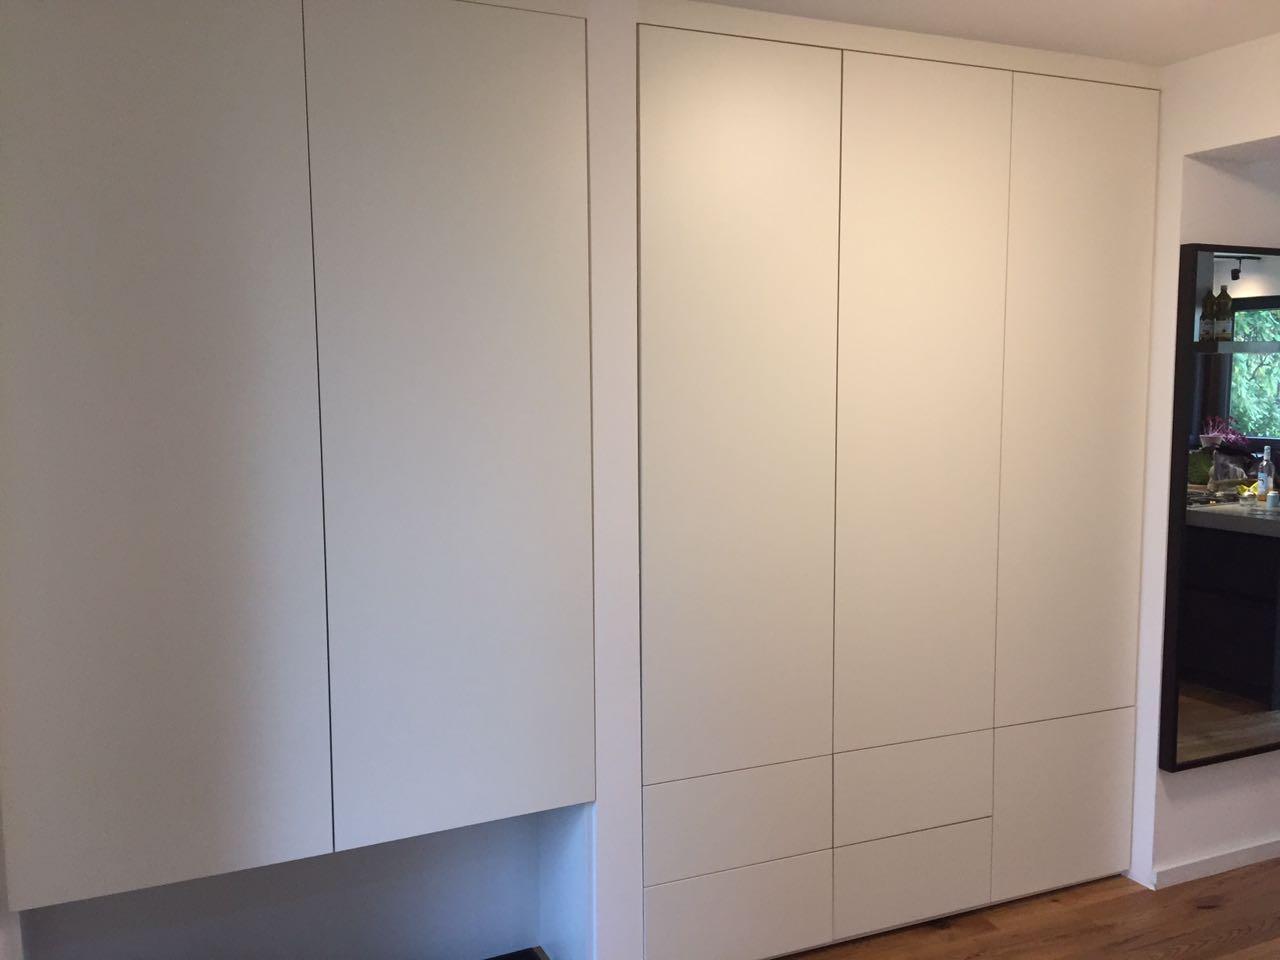 Einbauschränke für Stauraum, schlichte weiss matt Fronten, Garderobe , Push to open